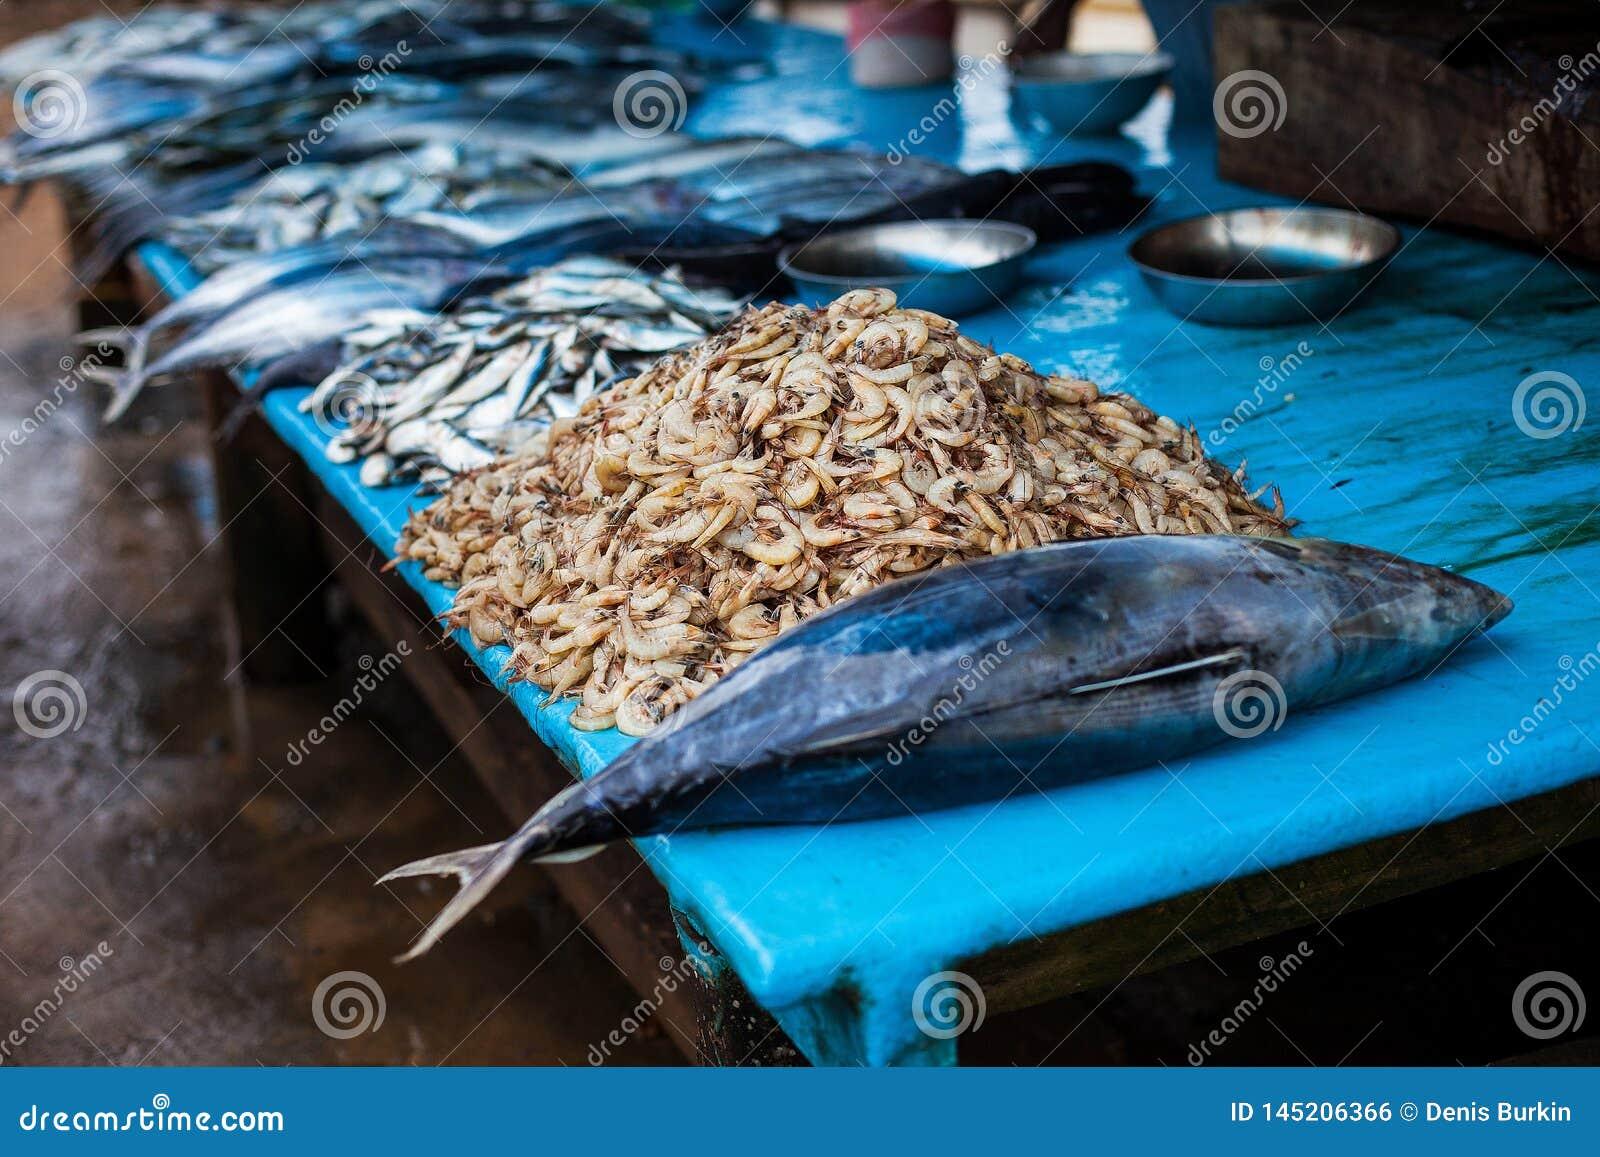 海鲜在鱼市上 街道食物,用餐市场,海鲜在斯里兰卡 金枪鱼和虾